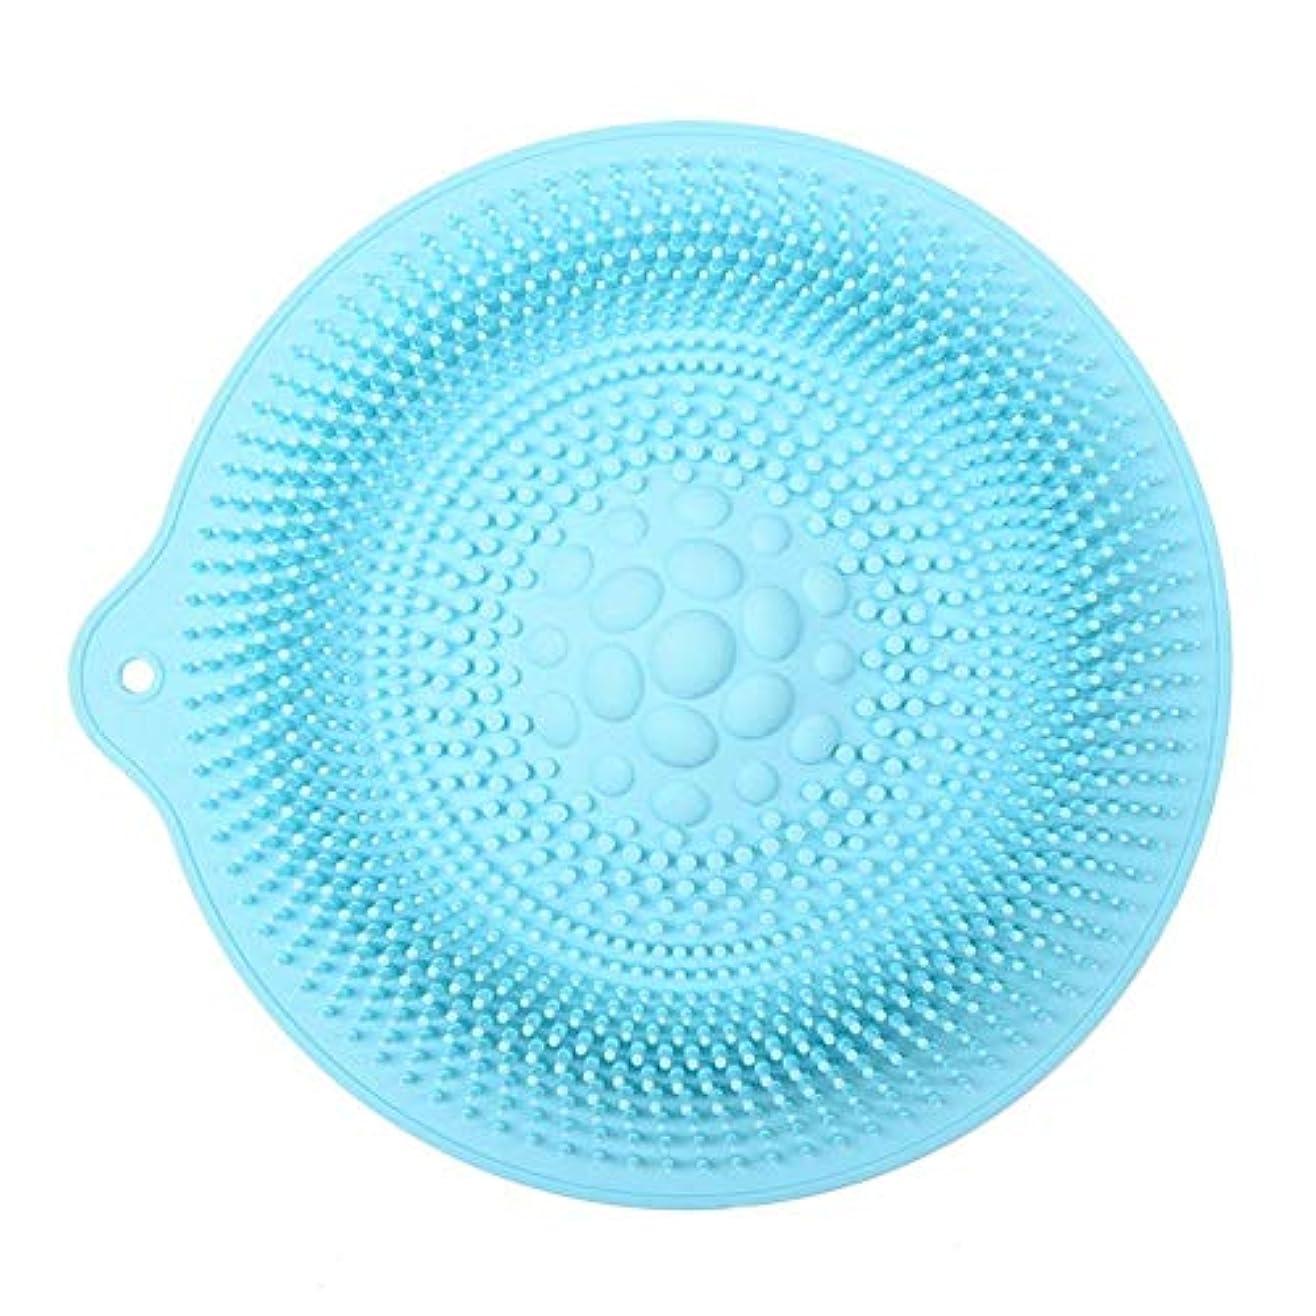 ボットラベンダーアリ足洗いマット 安全 非毒性 無臭 多機能 グレート 使いやすい フットケア ボディブラシ マッサージシート お風呂用 32cm